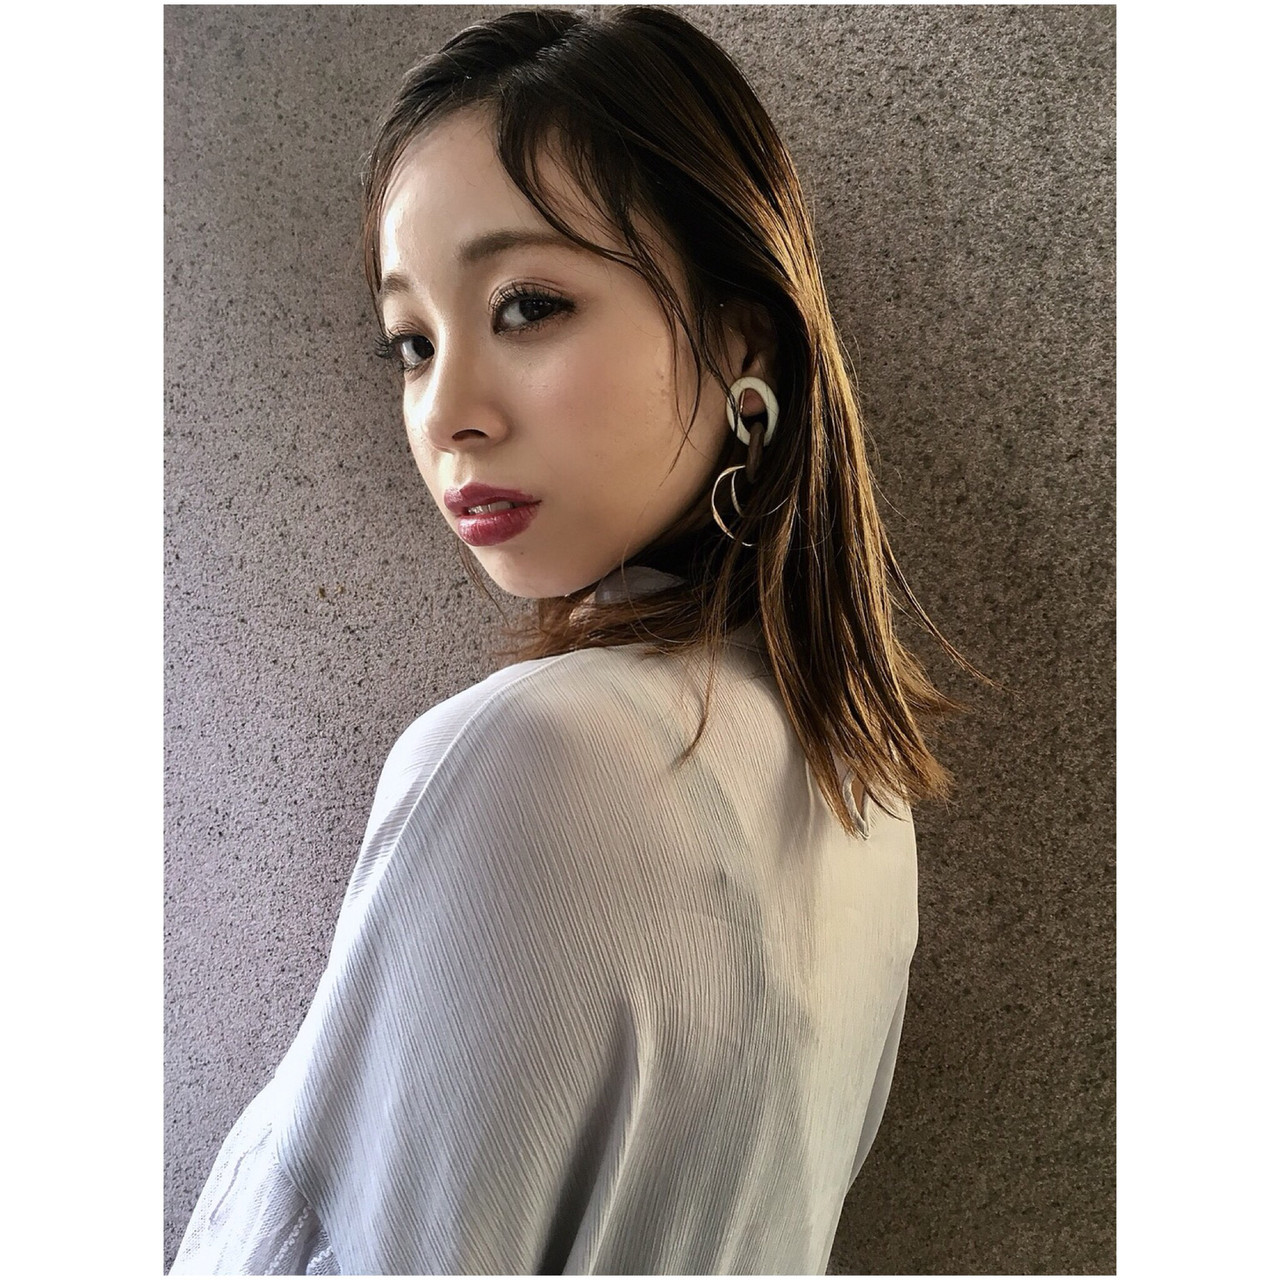 グレージュ ミディアム クラシカル 外ハネ ヘアスタイルや髪型の写真・画像 | Yumi Hiramatsu / Sourire Imaizumi【スーリール イマイズミ】